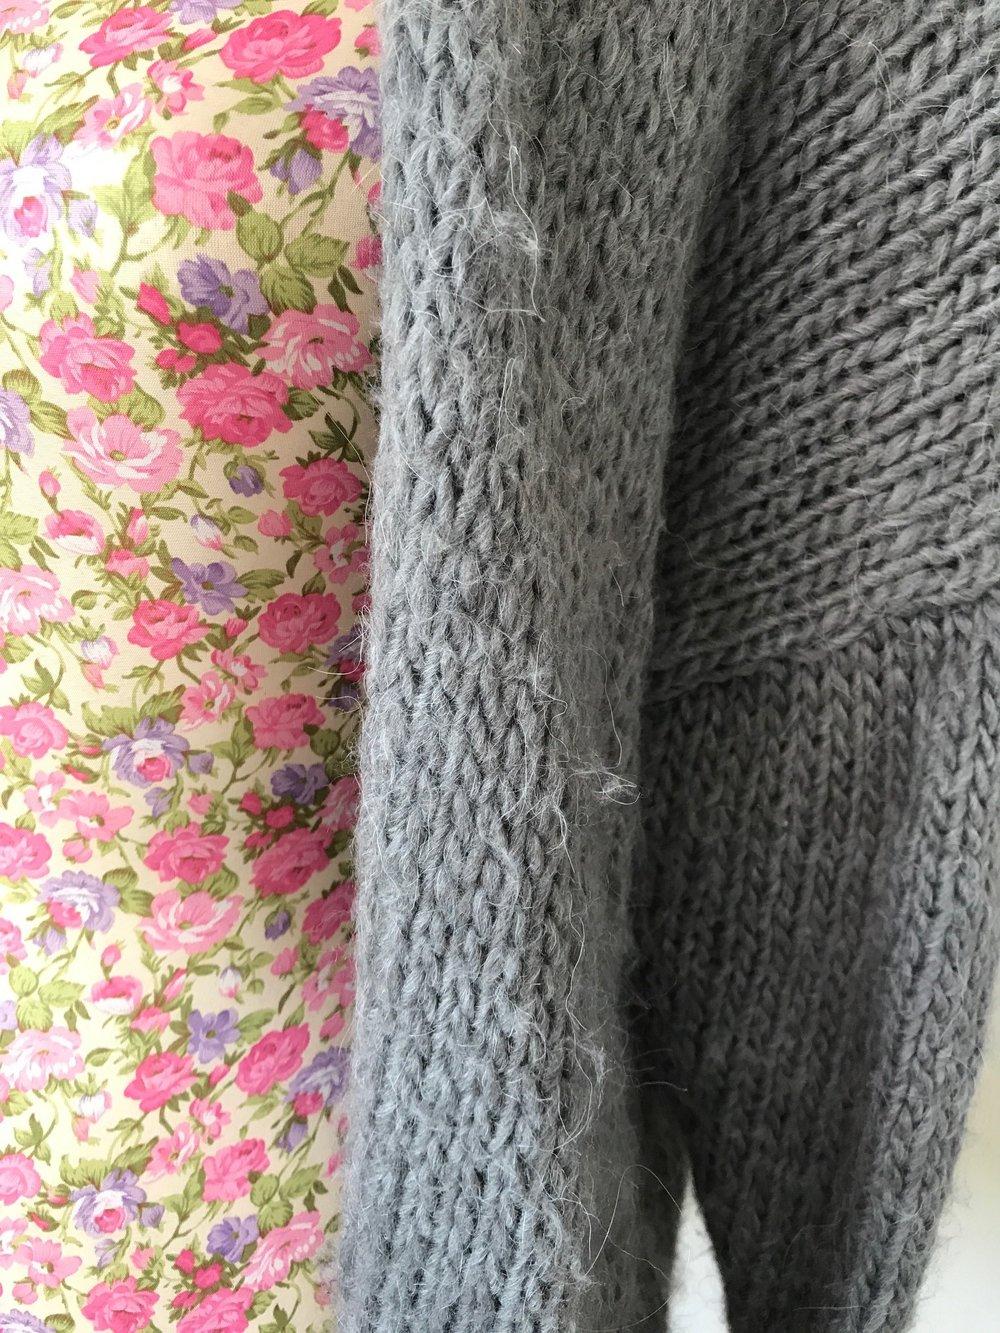 wrong yarn